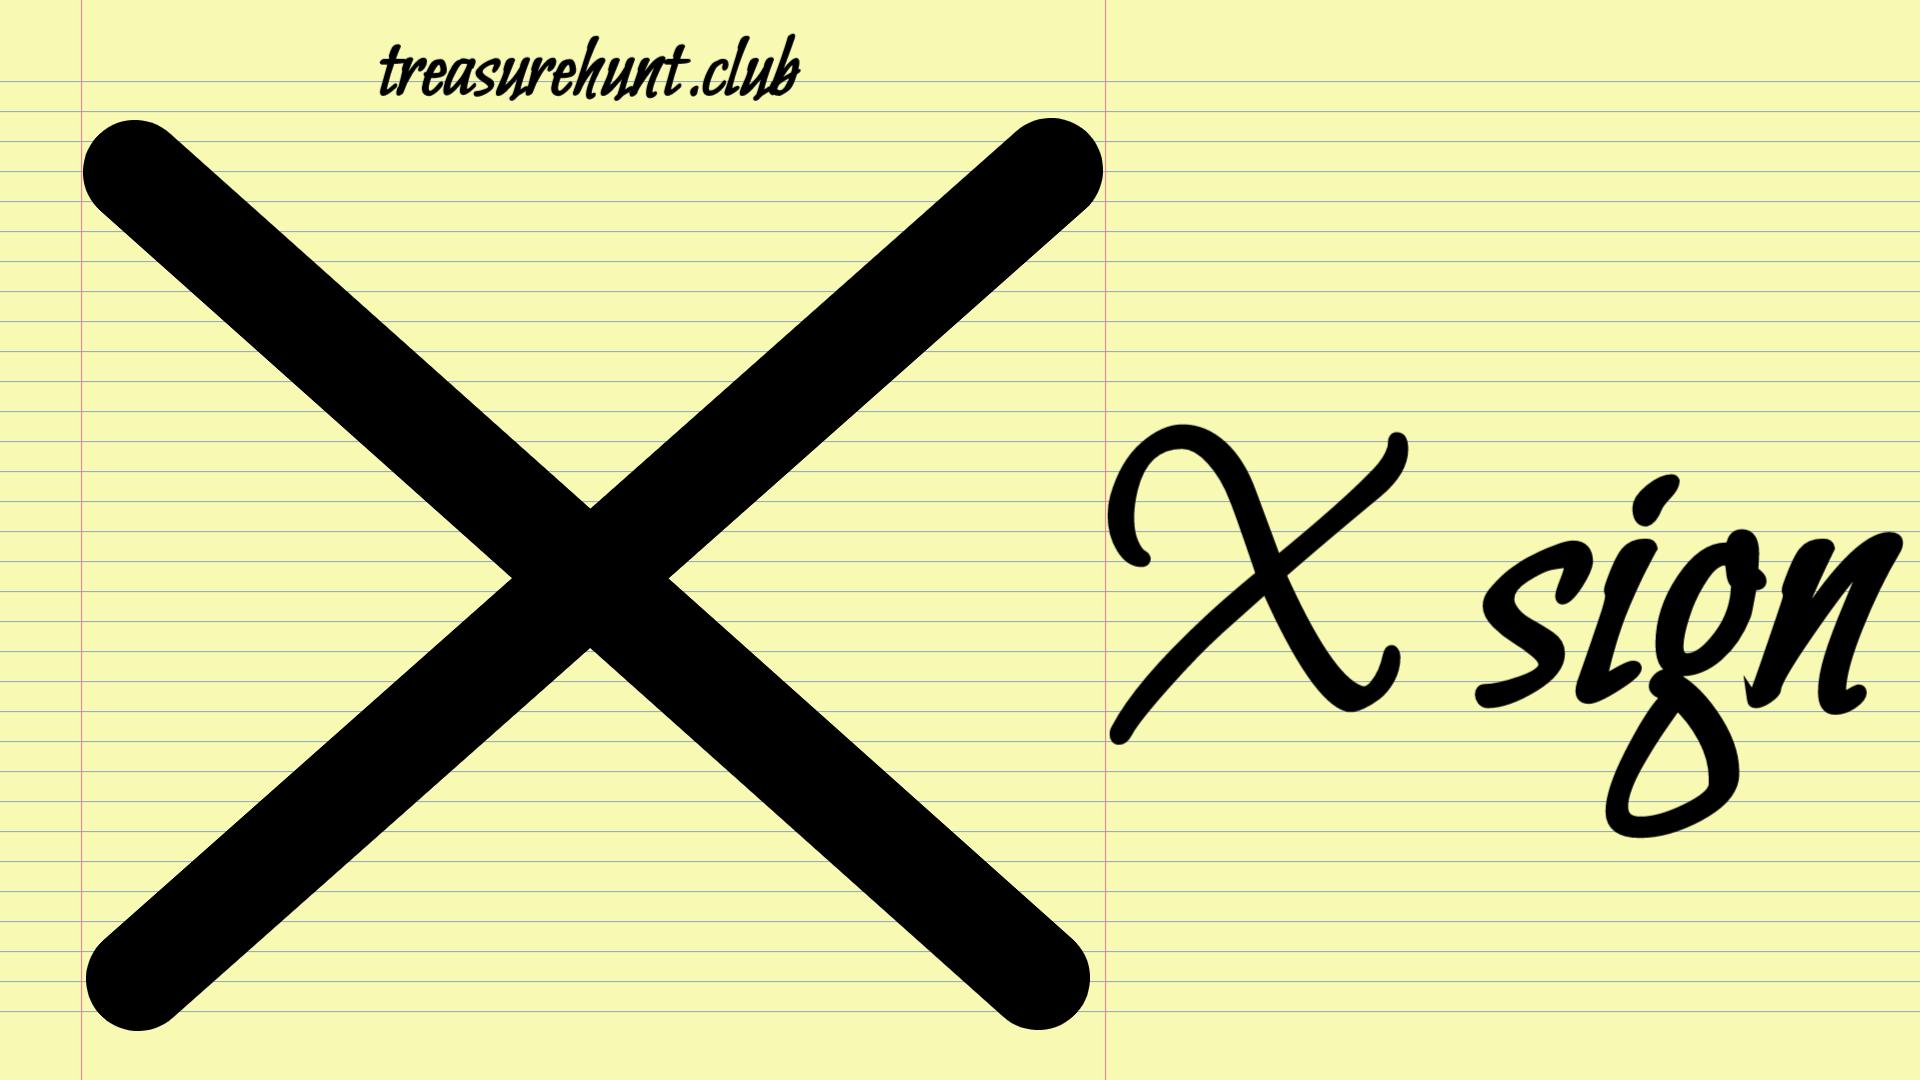 X Sign Yamashita Treasures Signs And Symbols Meaning Signs Treasure Hunt